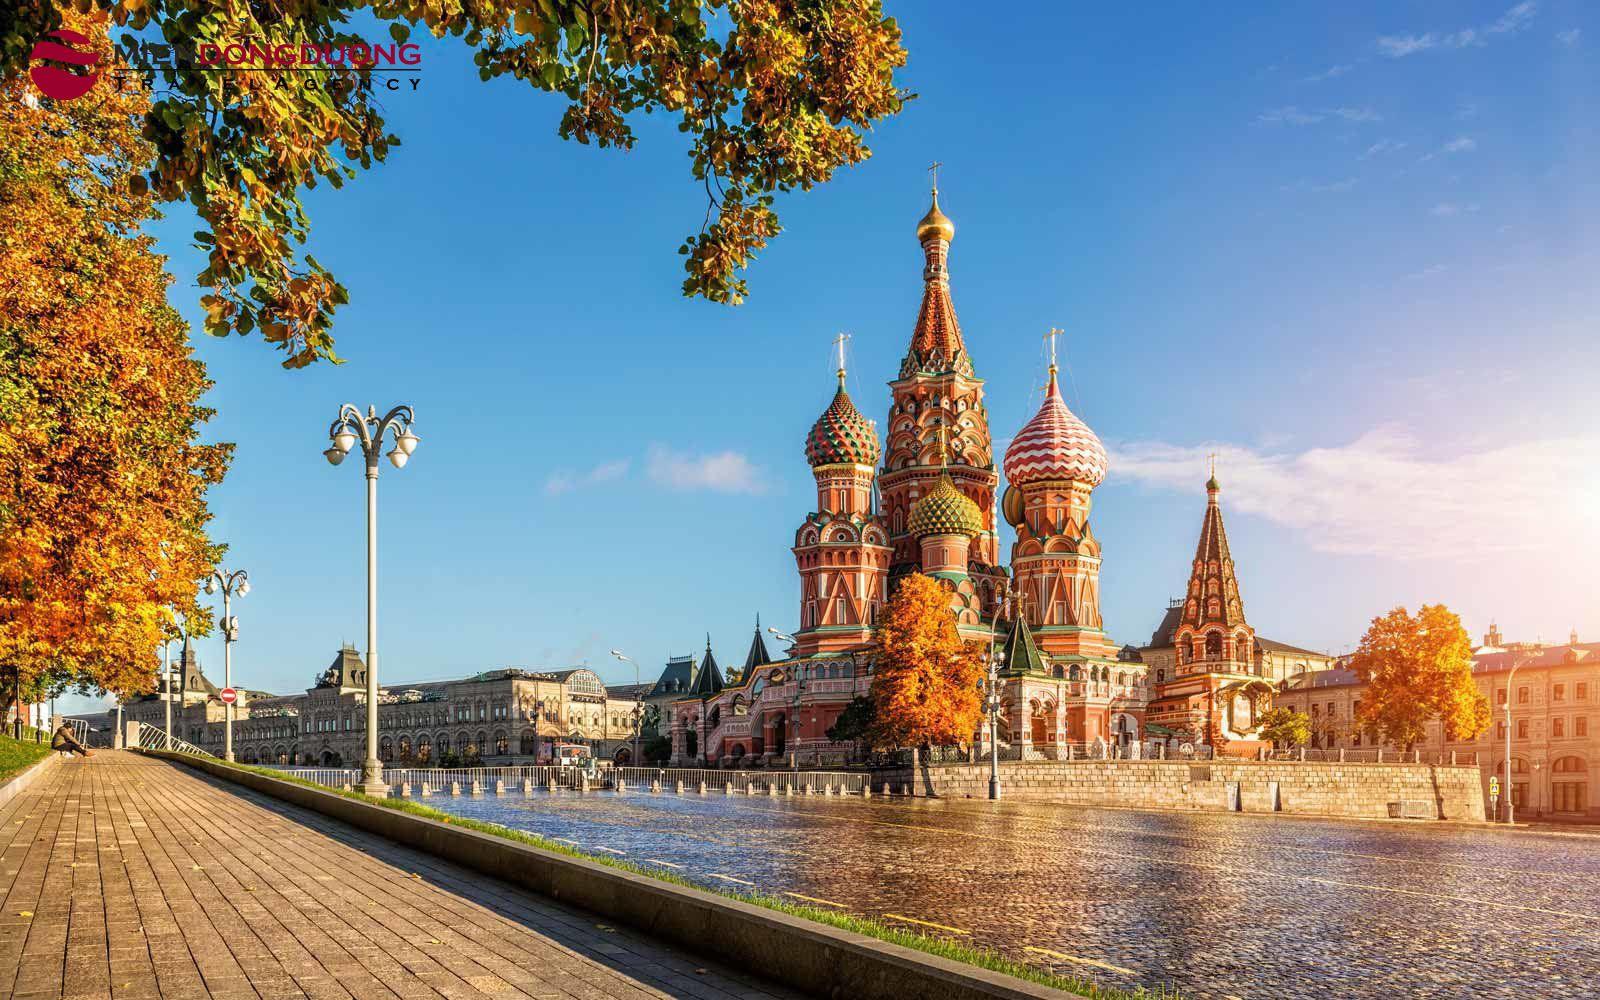 CUNG ĐƯỜNG VÀNG NƯỚC NGA MOSCOW - SAINT PETERSBURG